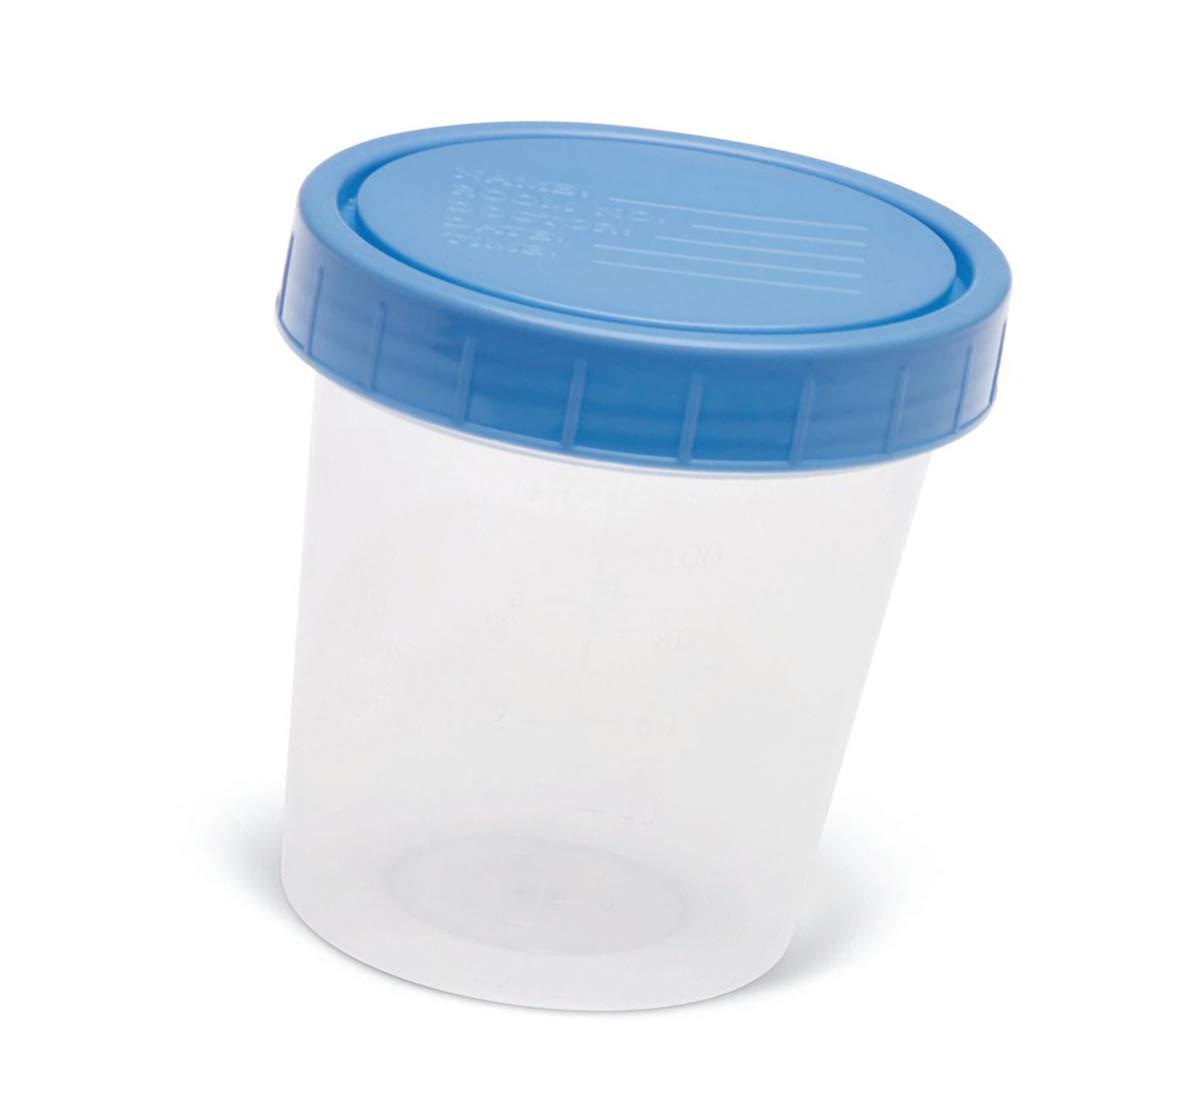 Specimen Cups with Patient Info On Screw Cap Lid (50)